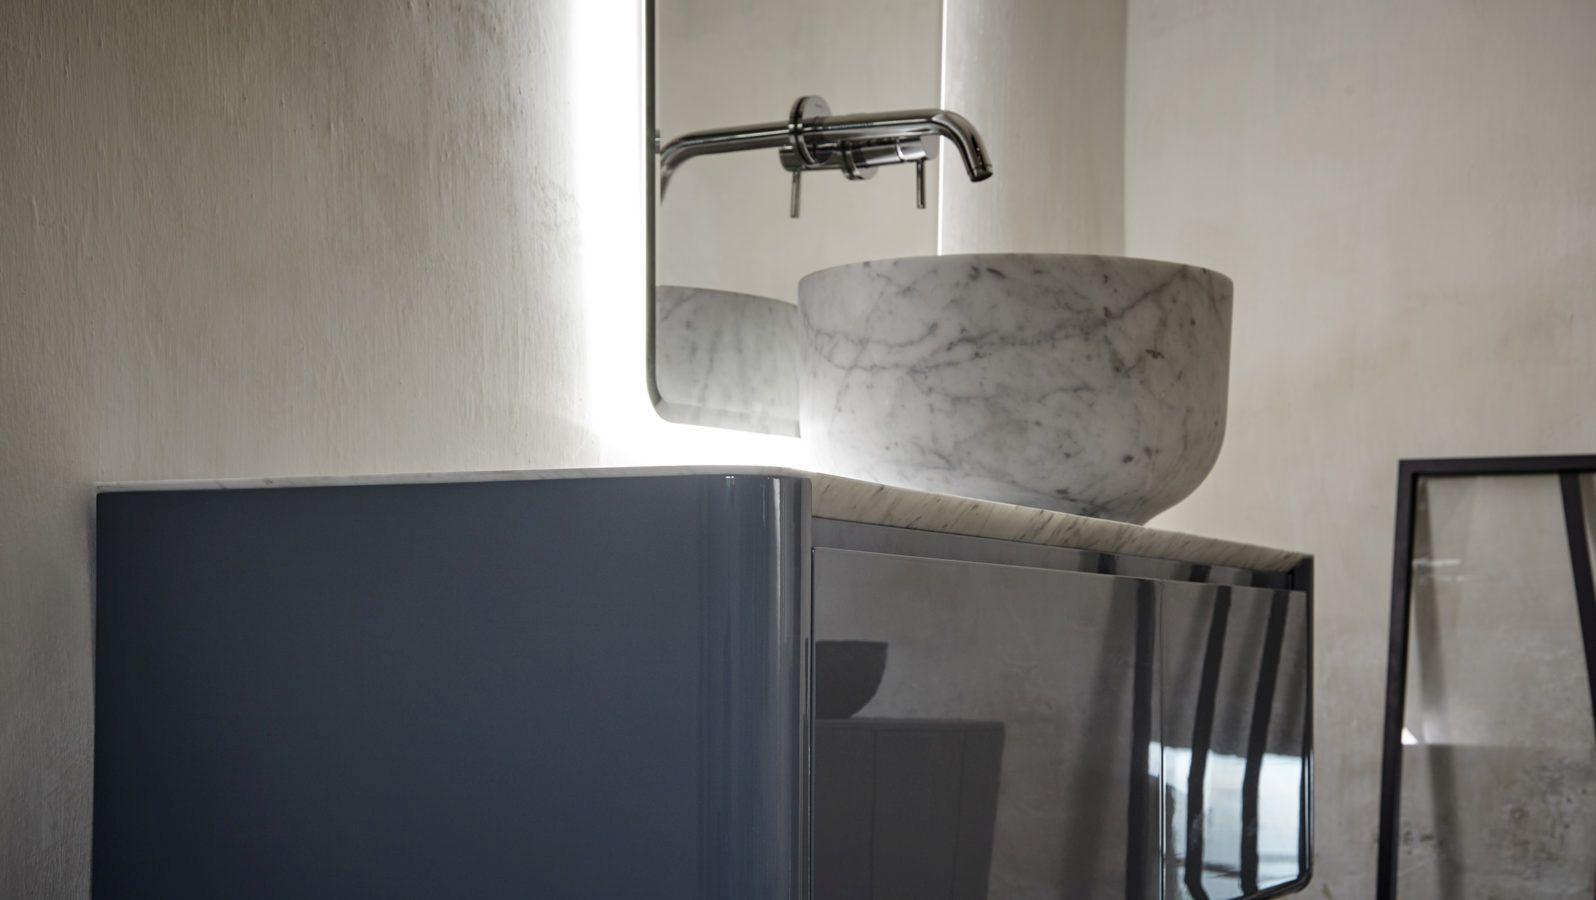 Warto postawić na ekspozycje umywalek, które fakturą nawiązują do tego szlachetnego materiału jakim jest marmur. Fot. Inbani